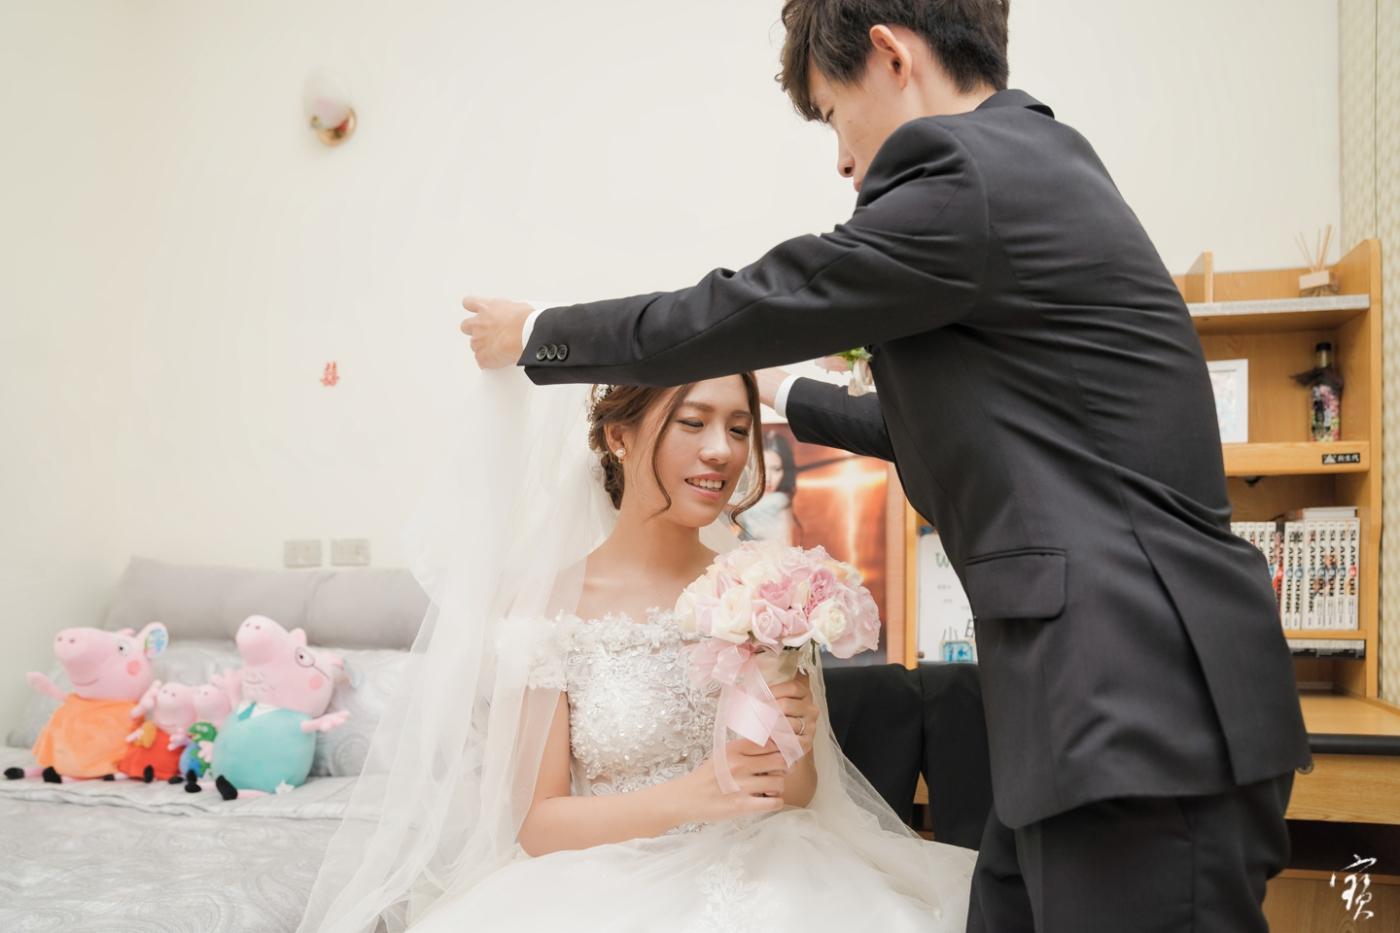 婚禮攝影 新竹彭園 冬伴影像 攝影師大寶 婚紗攝影 新娘新郎 早儀午宴20181125-159